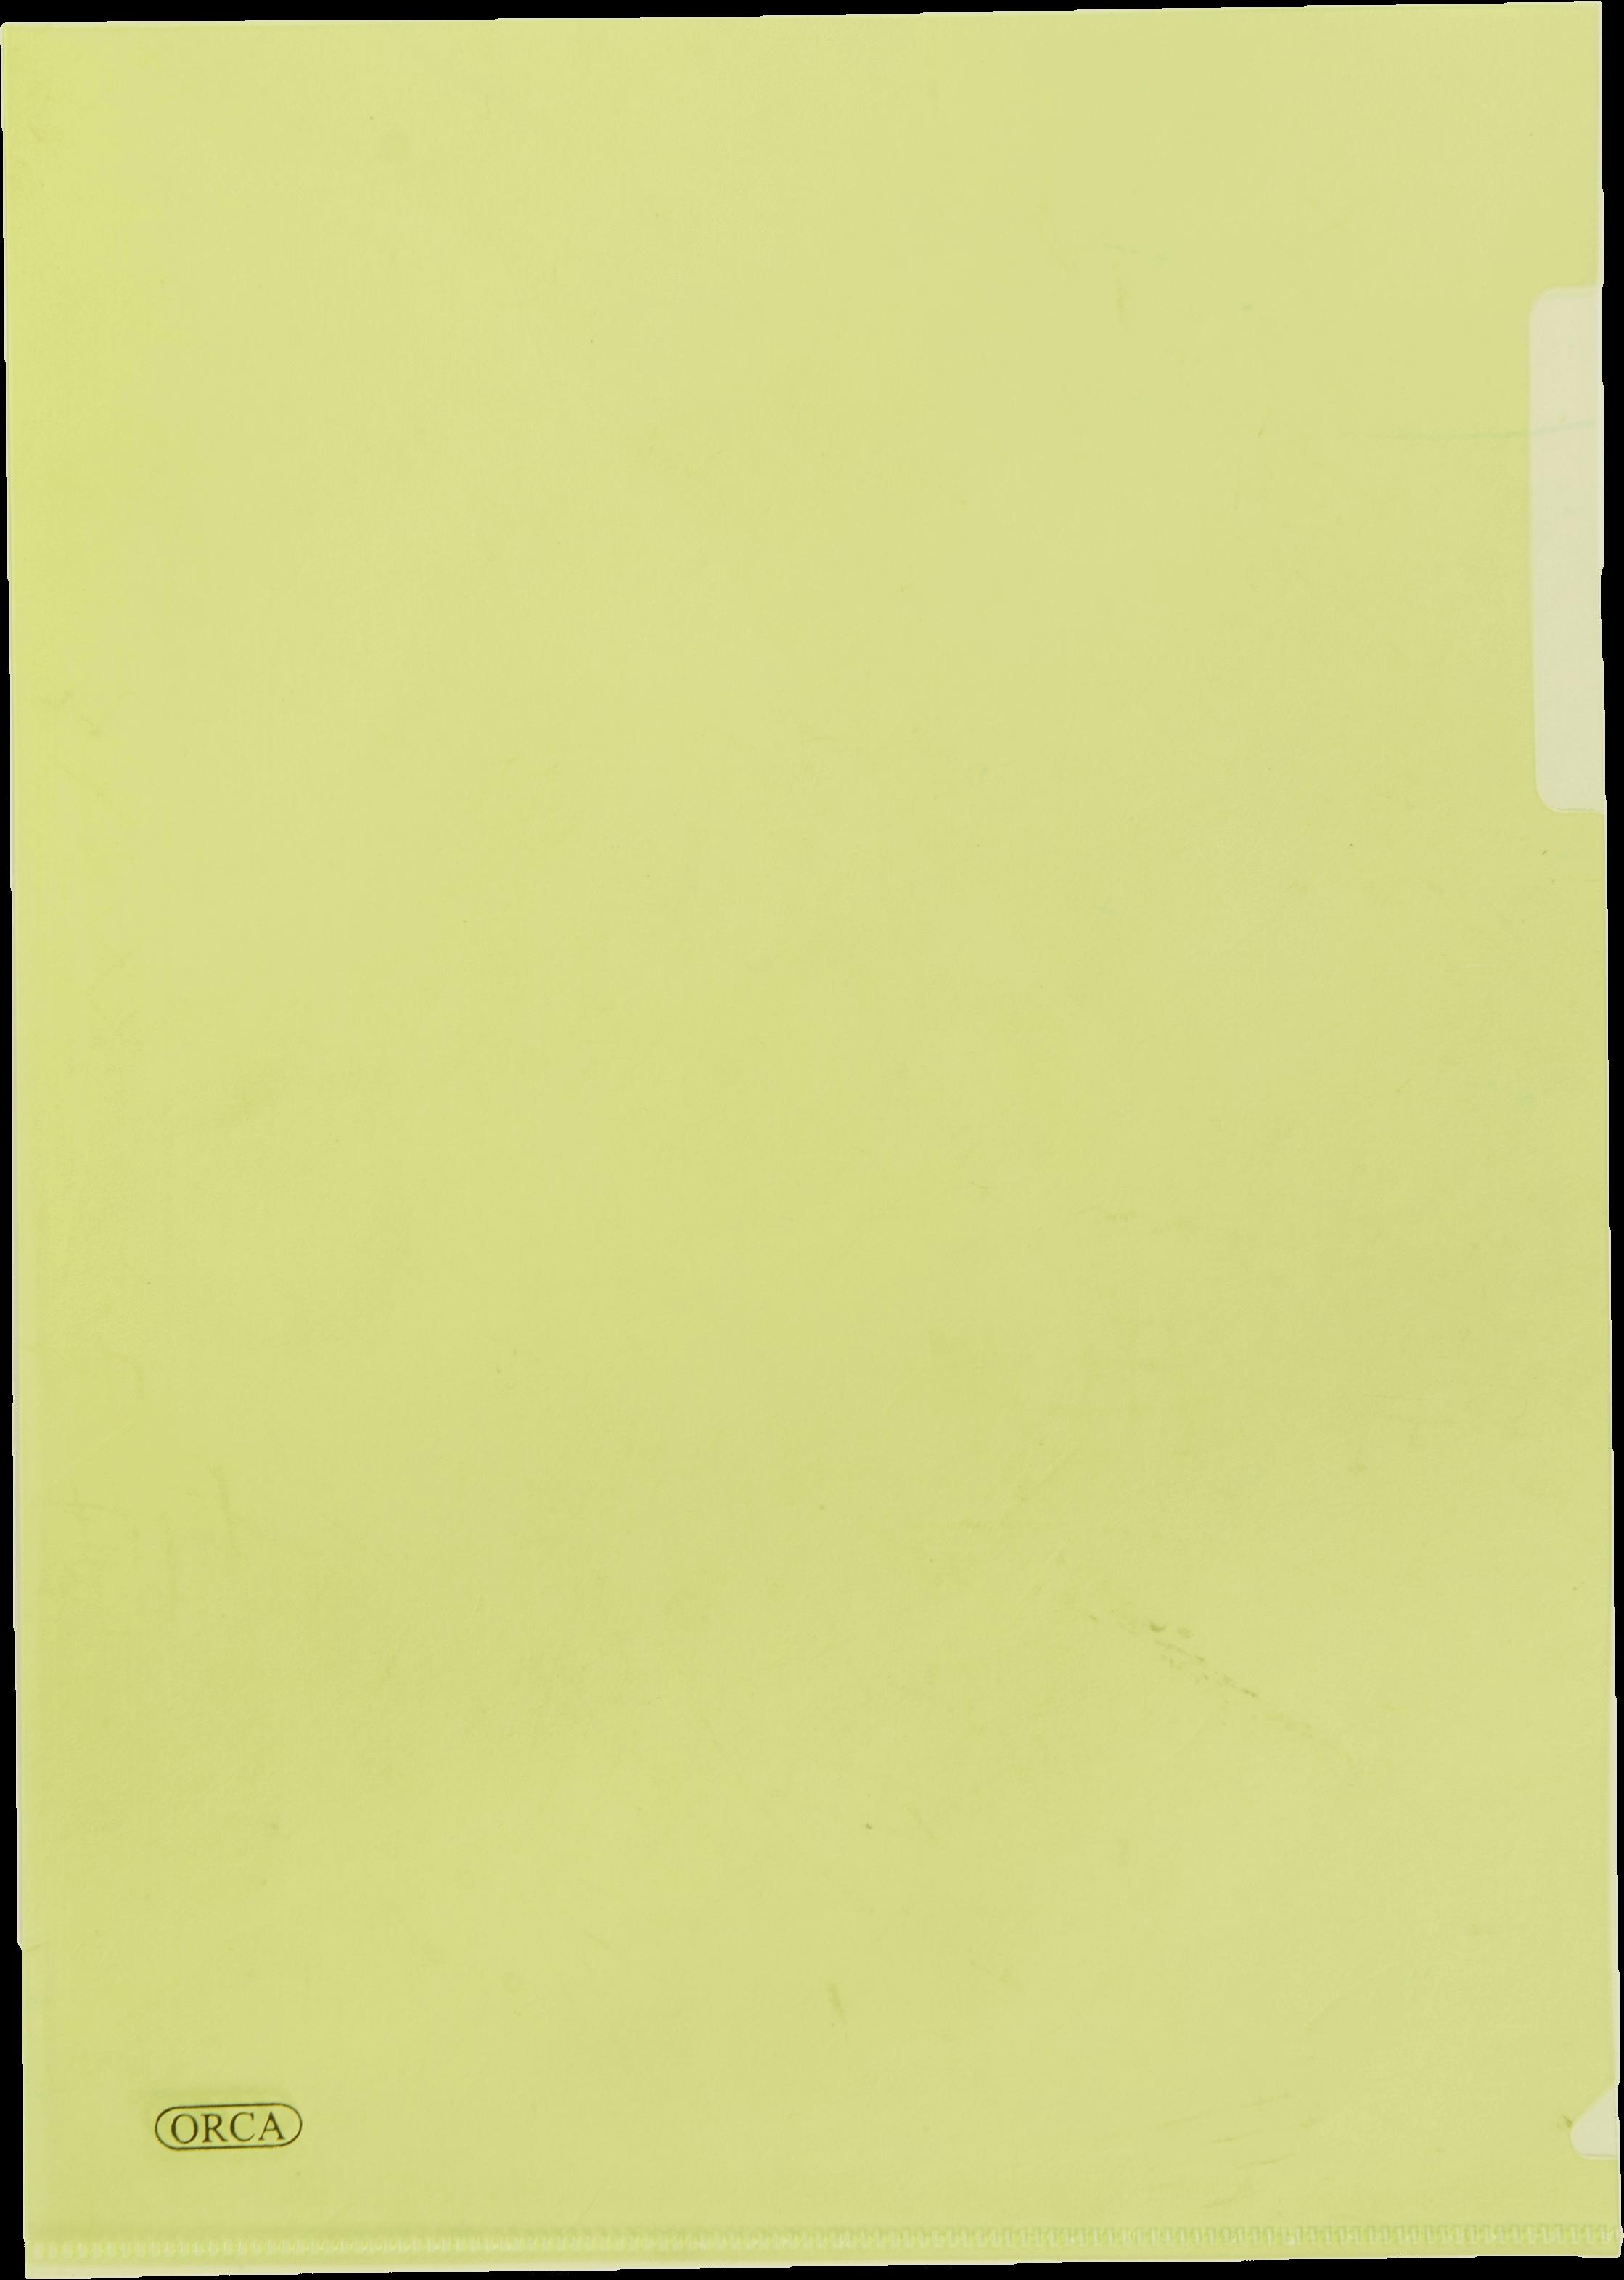 แฟ้มซองพลาสติก Orca 1 ชั้น สีเหลือง F4